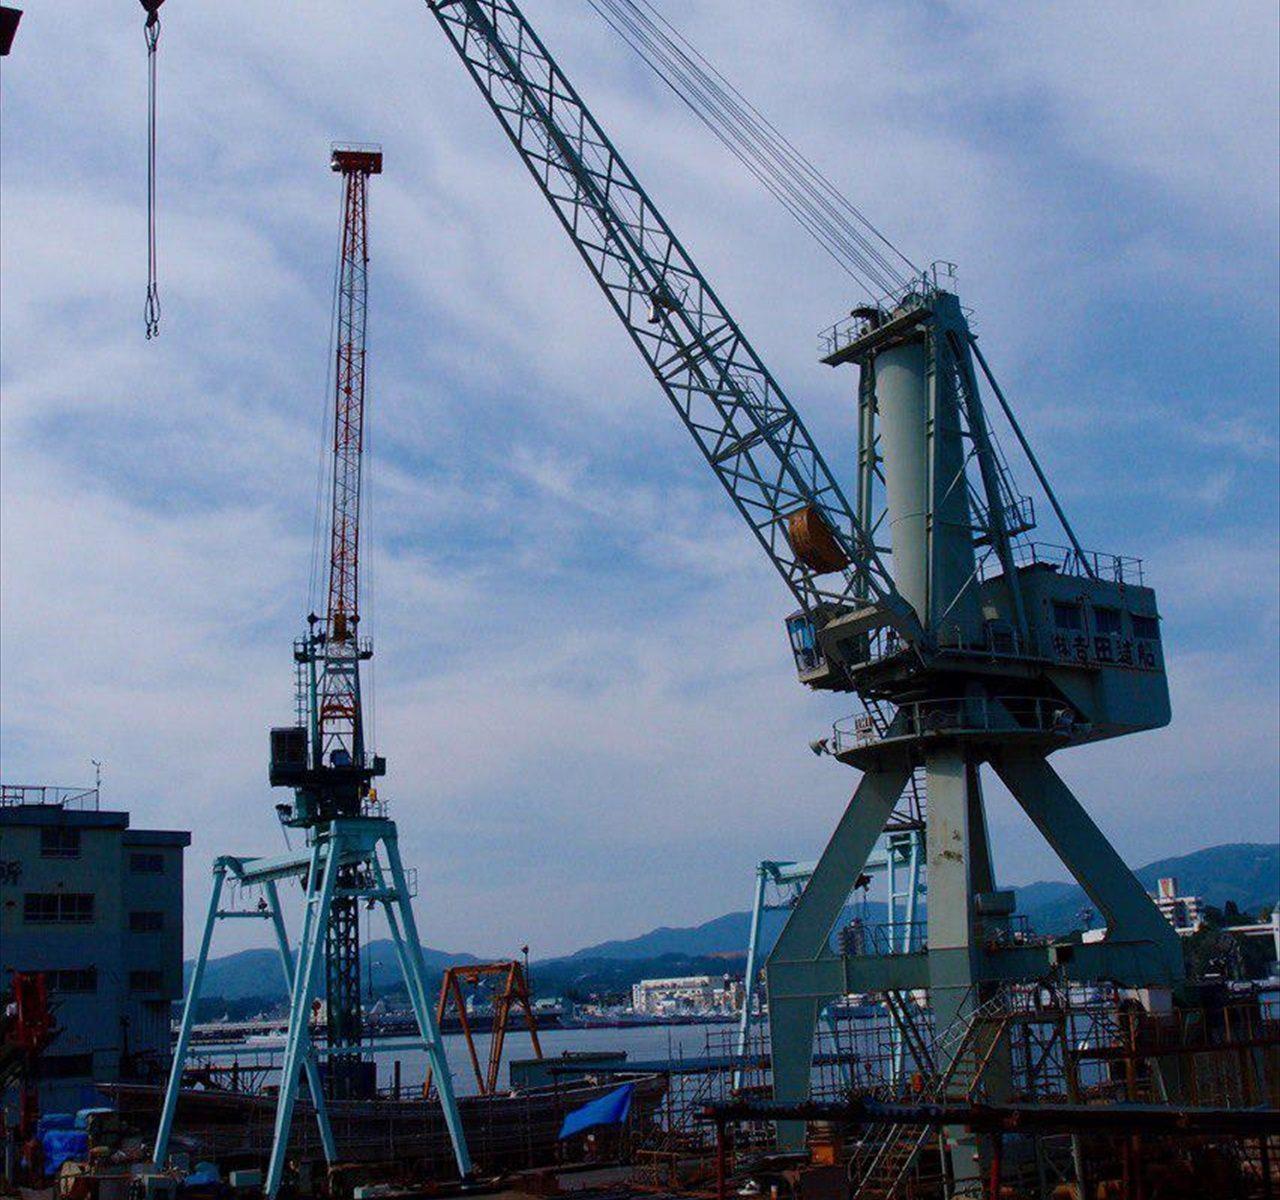 日本が世界に誇る気仙沼の造船所です。世界から中古漁船ですが、高価格で取引されるハイ・スペックなのですが、「漁船?」というゼネコンや中央省庁、また県庁も、その実力をどうも知らないようです。